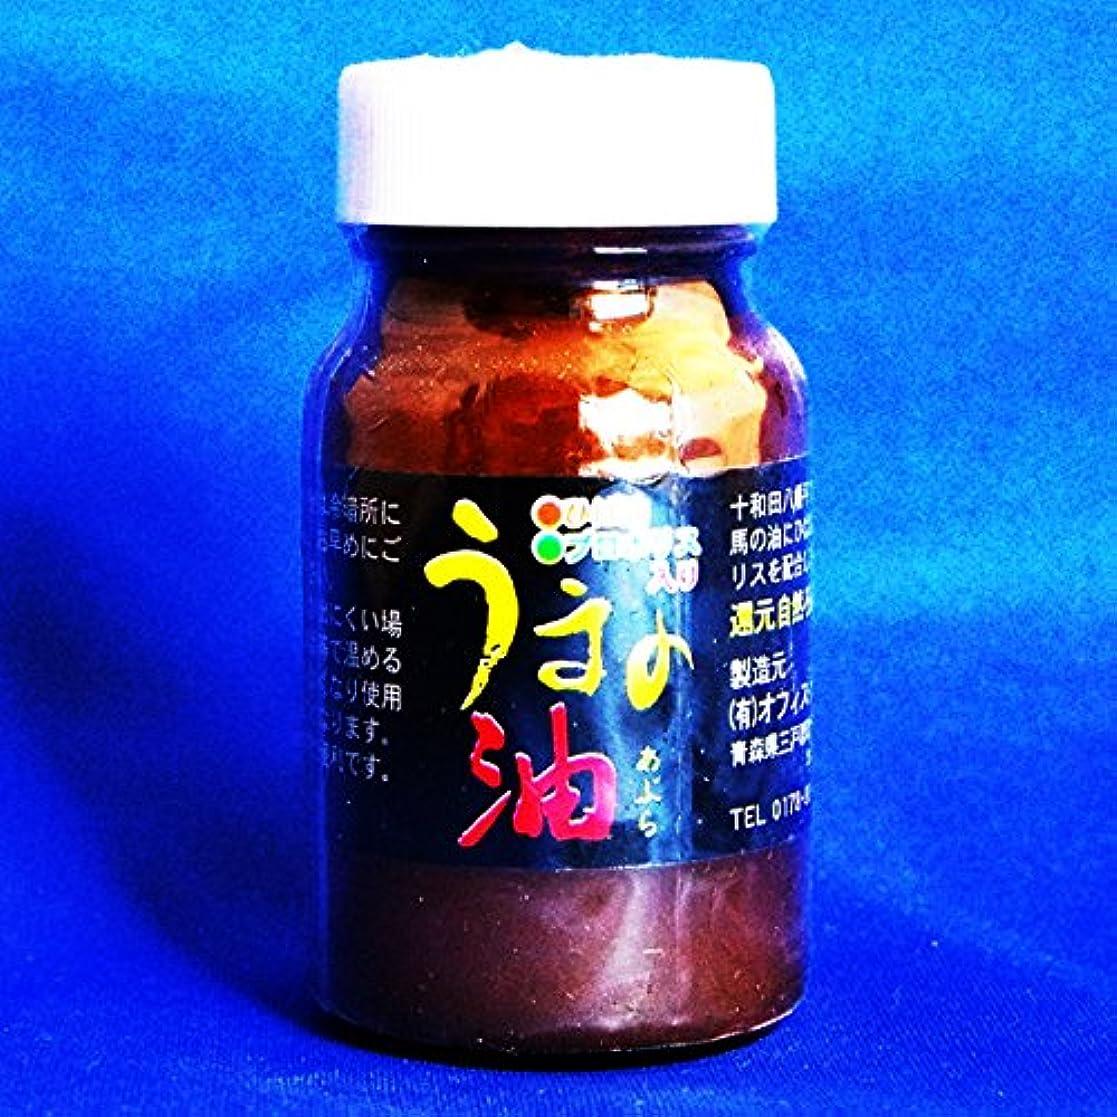 卒業記念アルバム誘惑美的青森県産 プロポリス 配合 うまの油50ml(白キャップ)